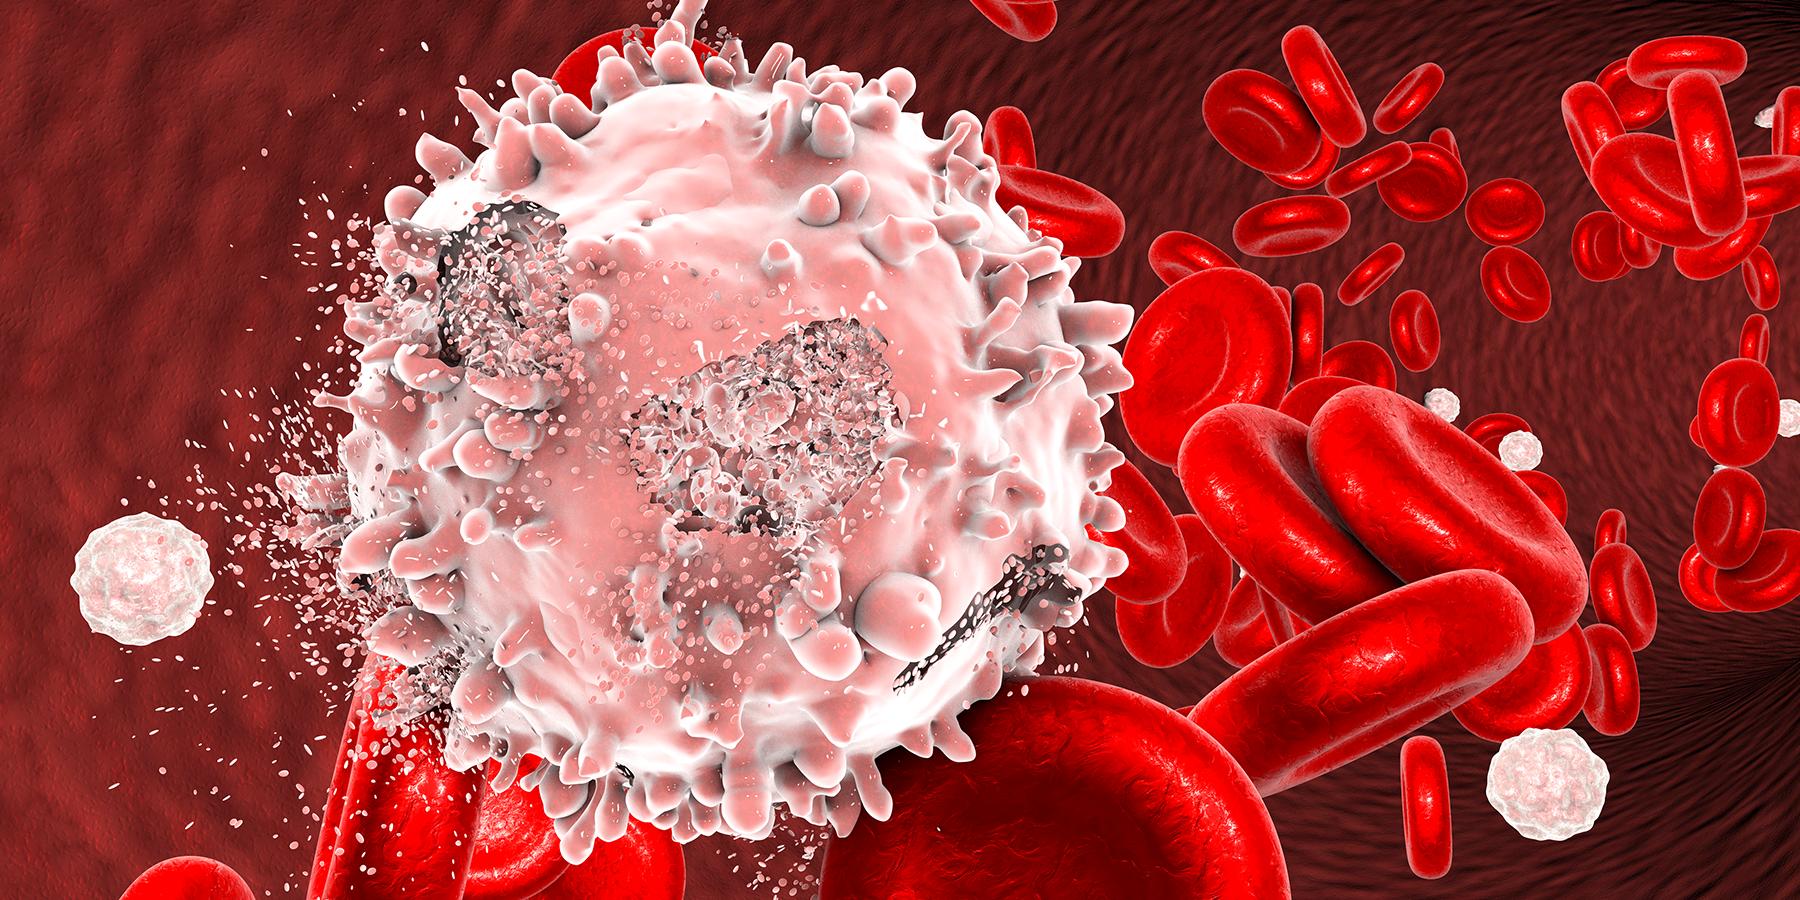 Human White Blood Cells Use Molecular Paddles to Swim